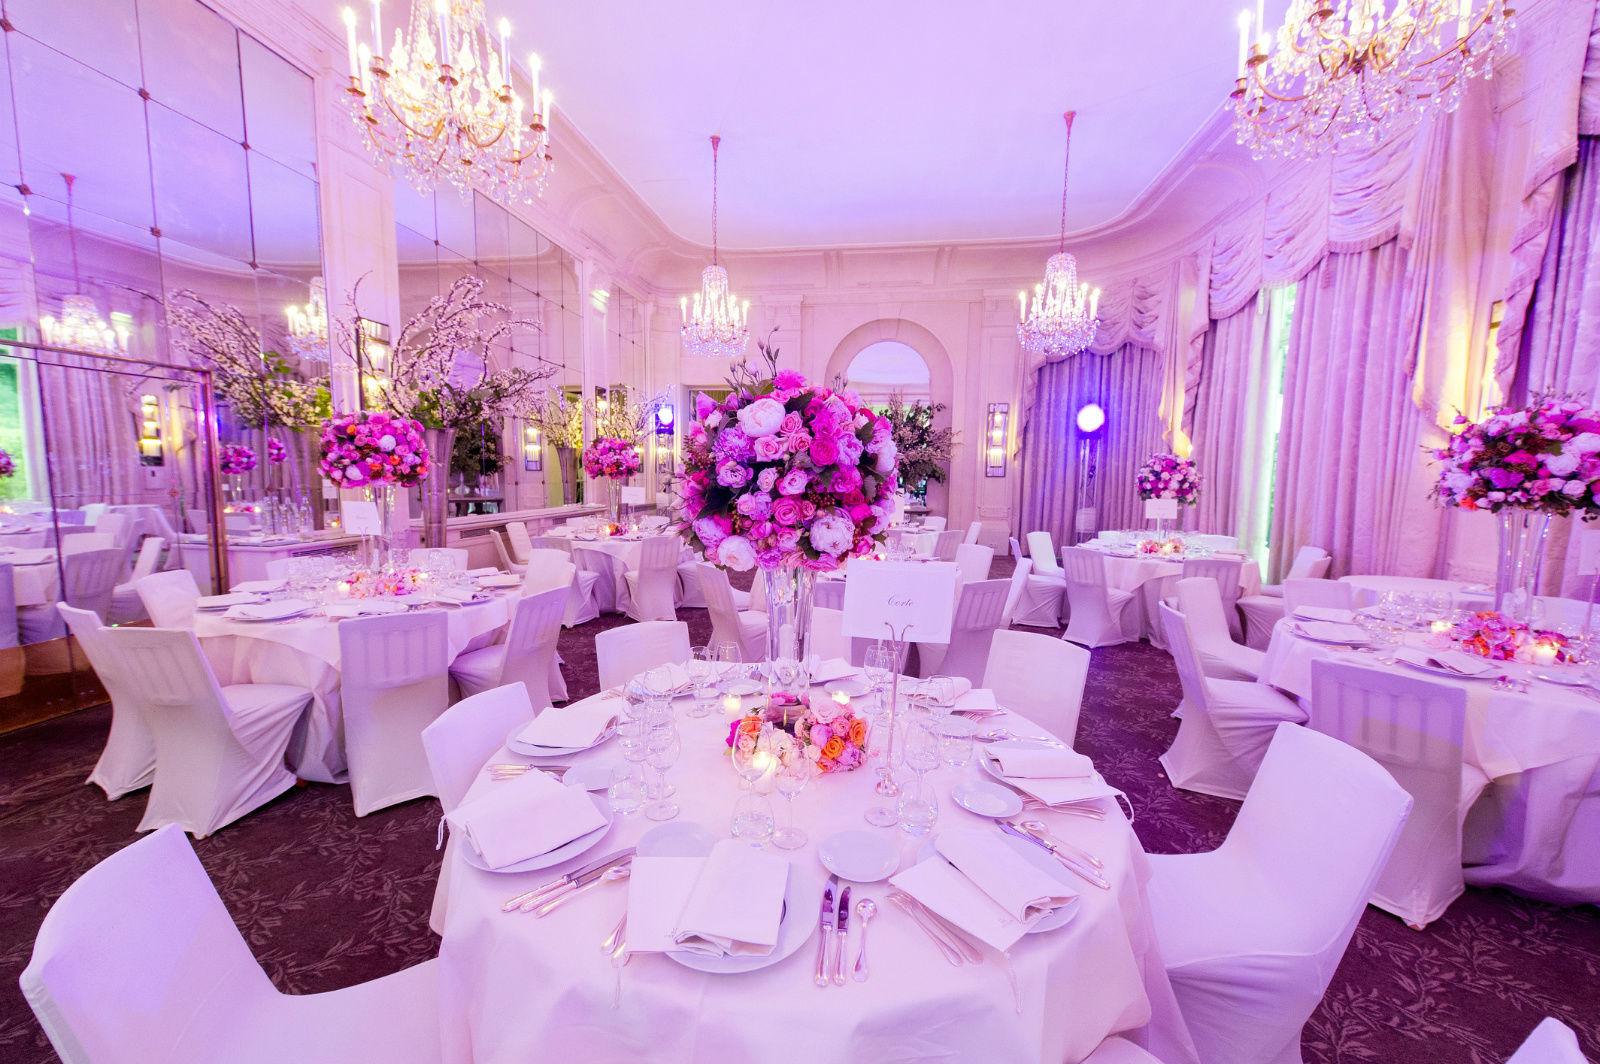 decoration de salle mariage marocain id es et d 39 inspiration sur le mariage. Black Bedroom Furniture Sets. Home Design Ideas